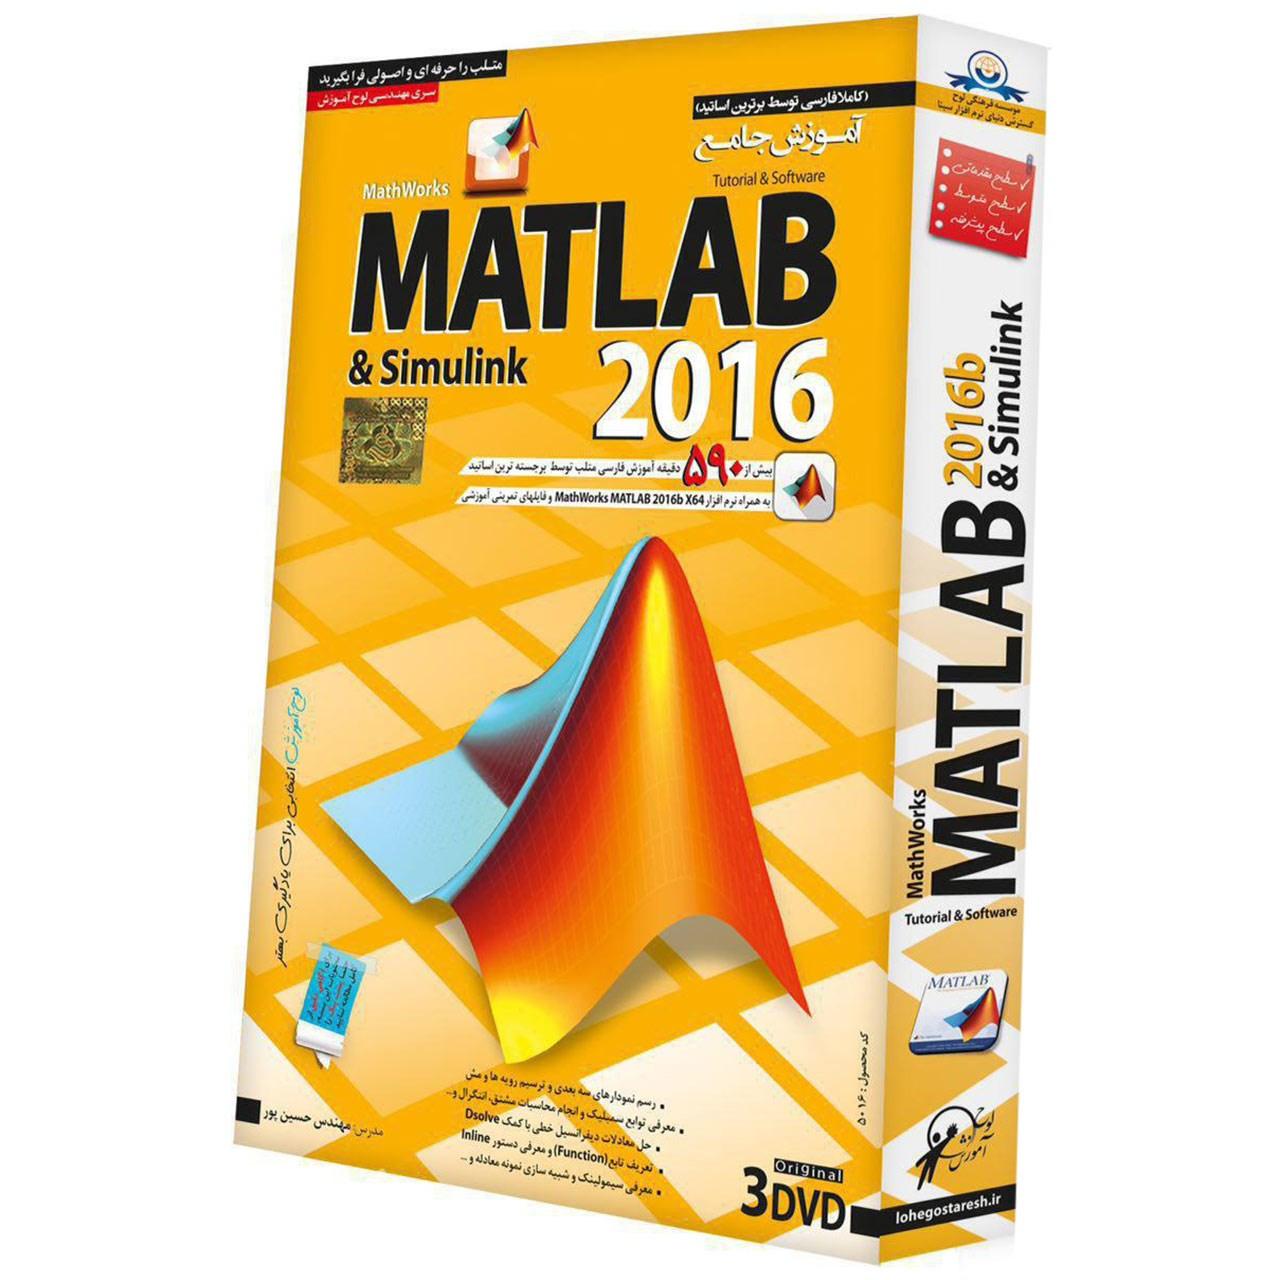 نرم افزار آموزش جامع Matlab 2016 نشر دنیای نرم افزار سینا